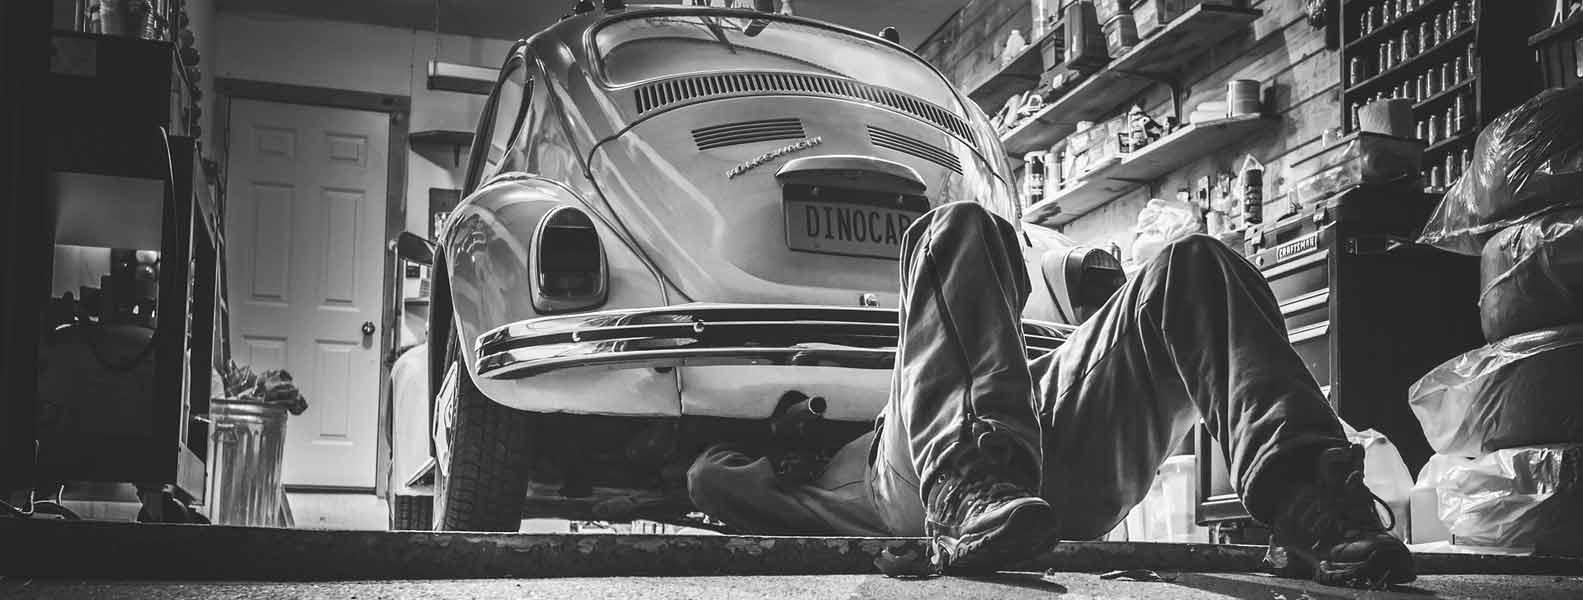 restauration carrosserie et mécanique d'ancêtres oldtimers